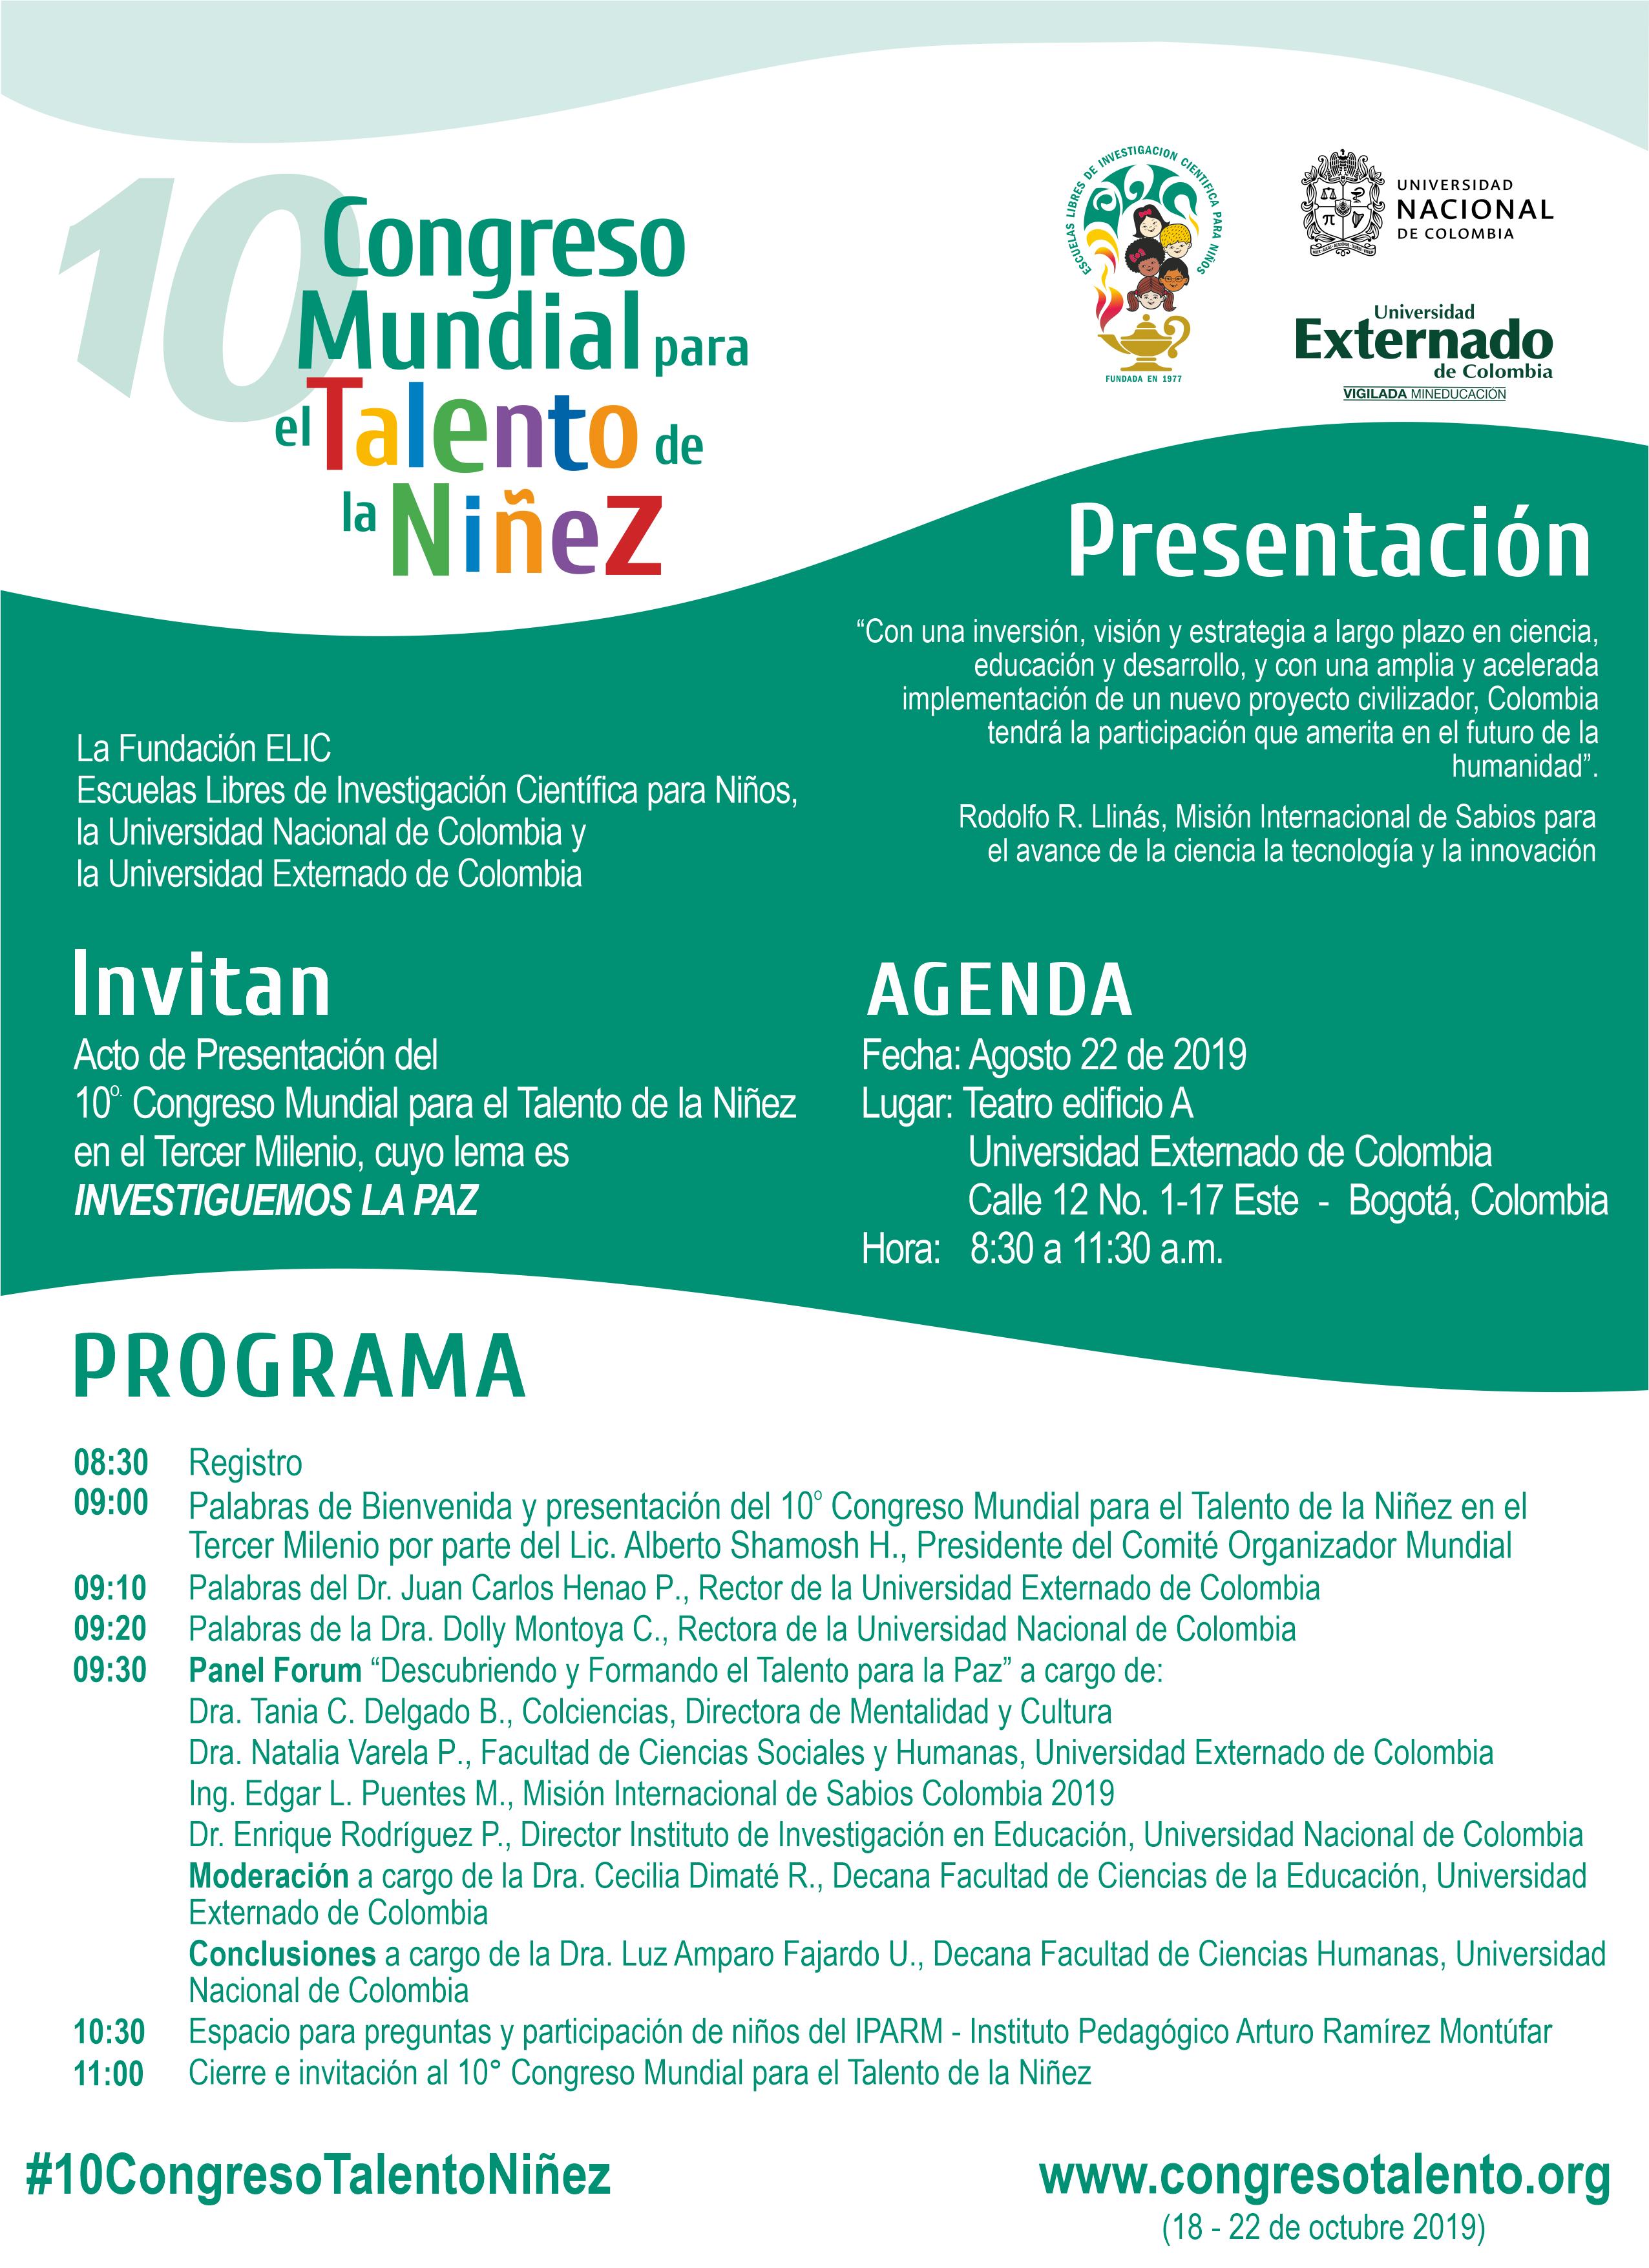 Invitación a la presentación del 10.º Congreso Mundial para el Talento de la Niñez